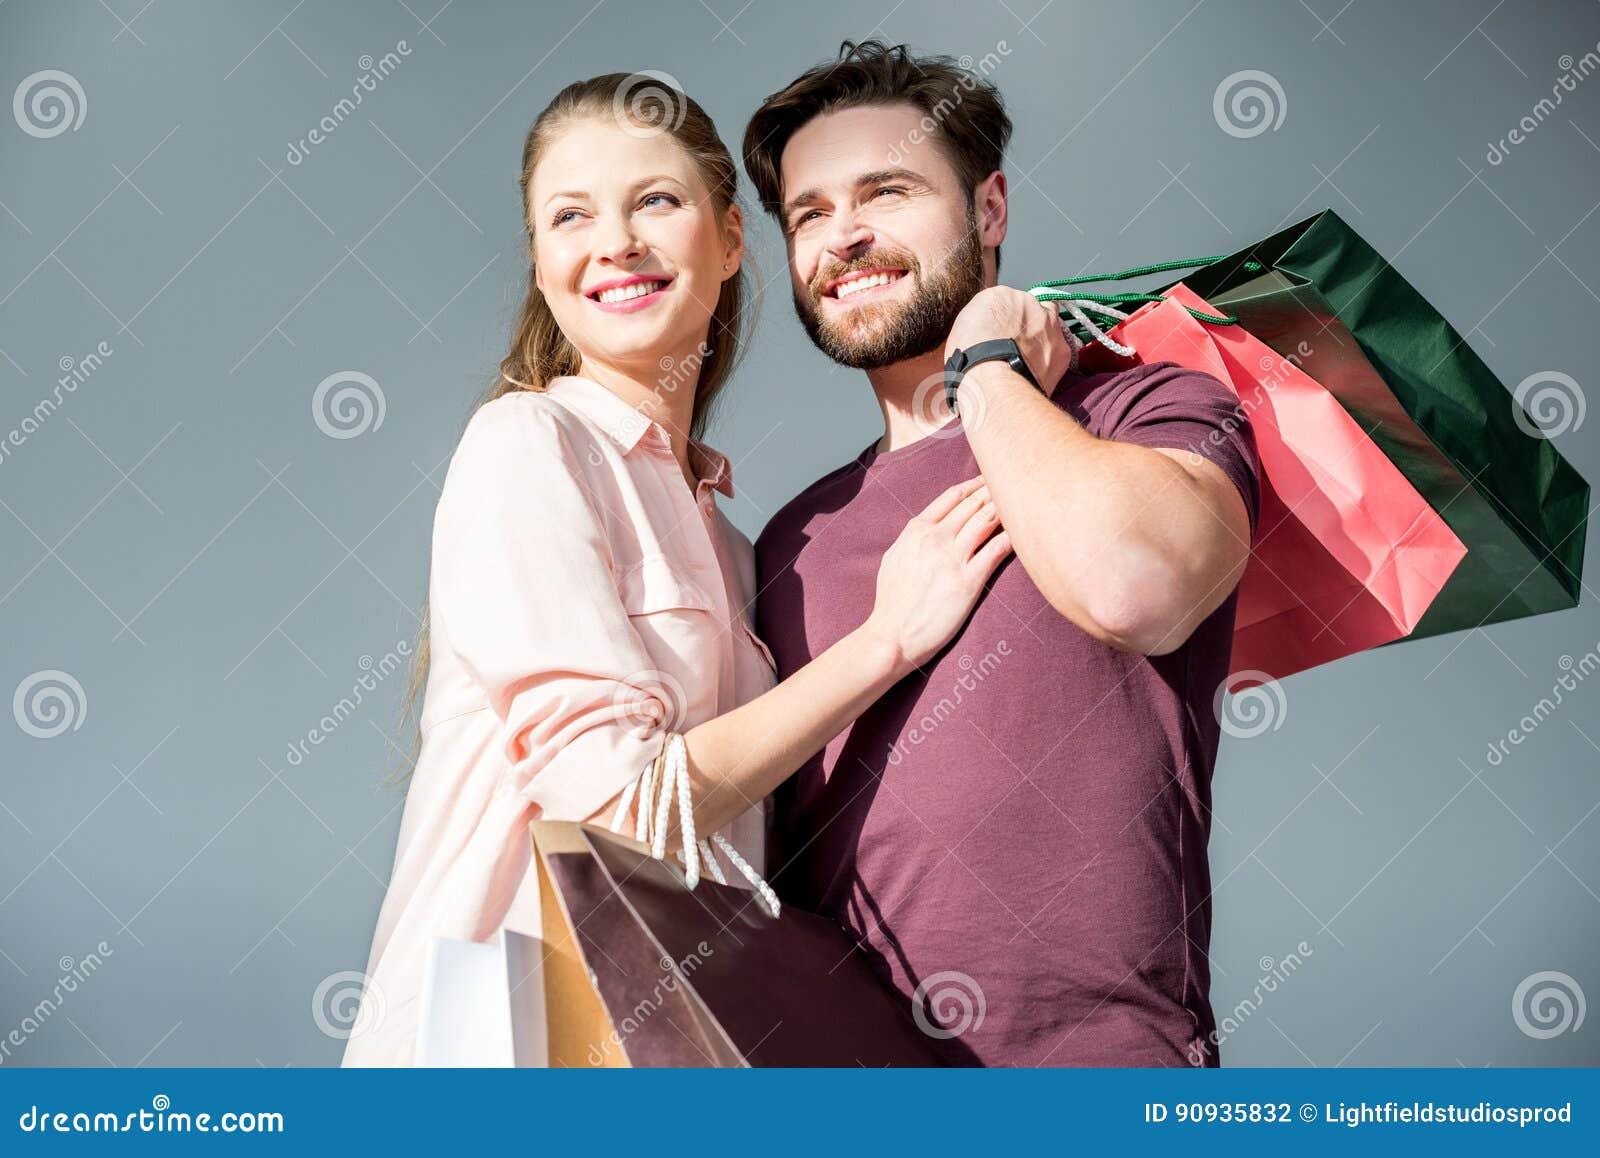 Mann und Frau, die mit Einkaufstaschen und dem Lächeln stehen